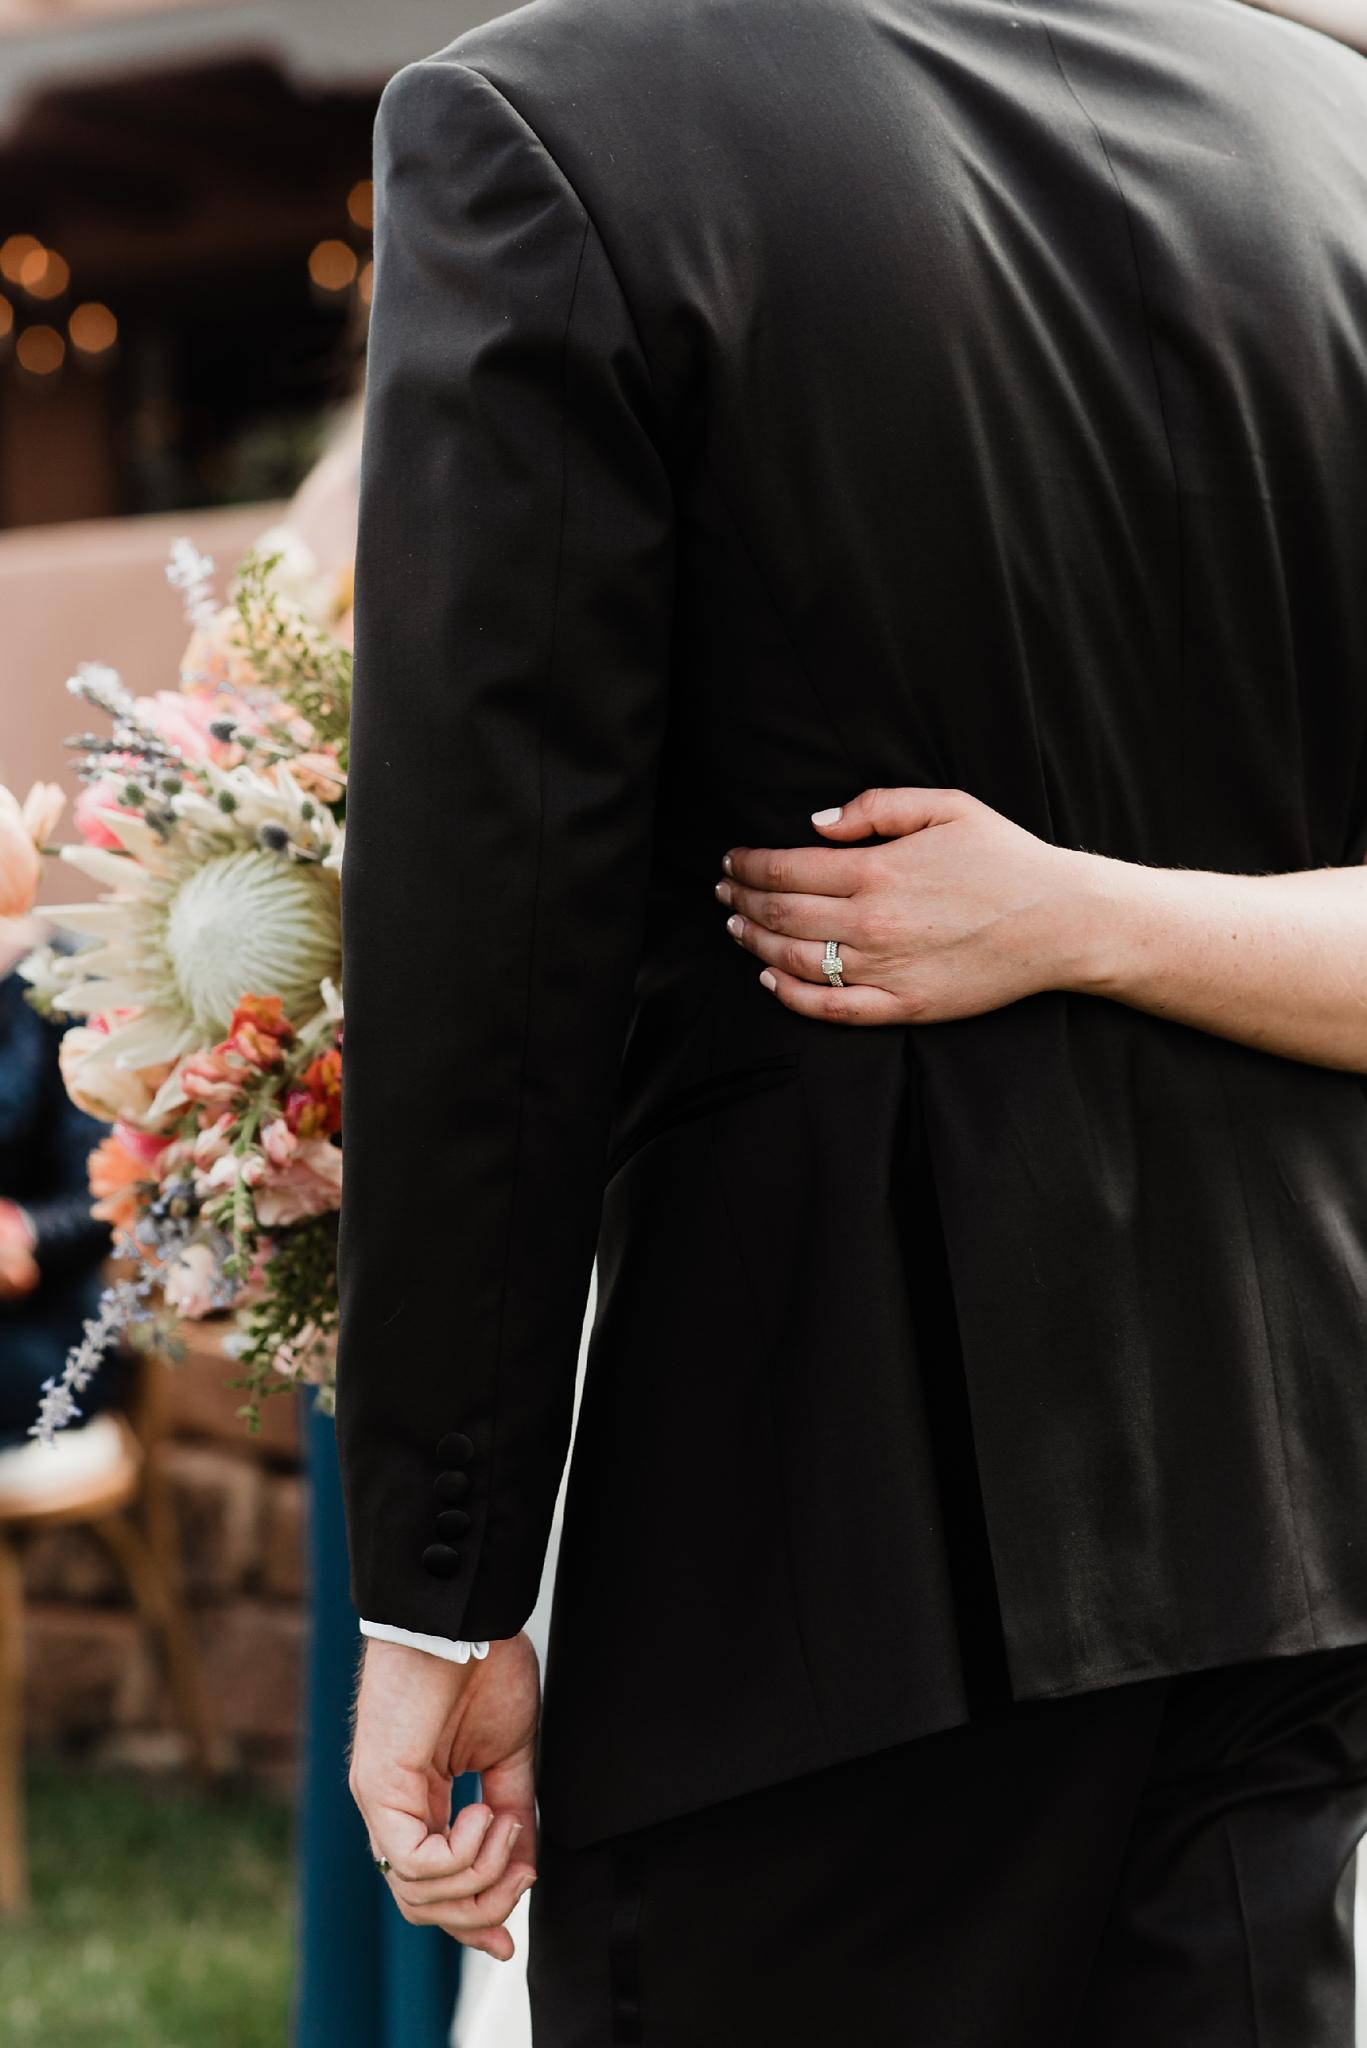 Alicia+lucia+photography+-+albuquerque+wedding+photographer+-+santa+fe+wedding+photography+-+new+mexico+wedding+photographer+-+new+mexico+wedding+-+las+campanas+wedding+-+santa+fe+wedding+-+maximalist+wedding+-+destination+wedding_0069.jpg